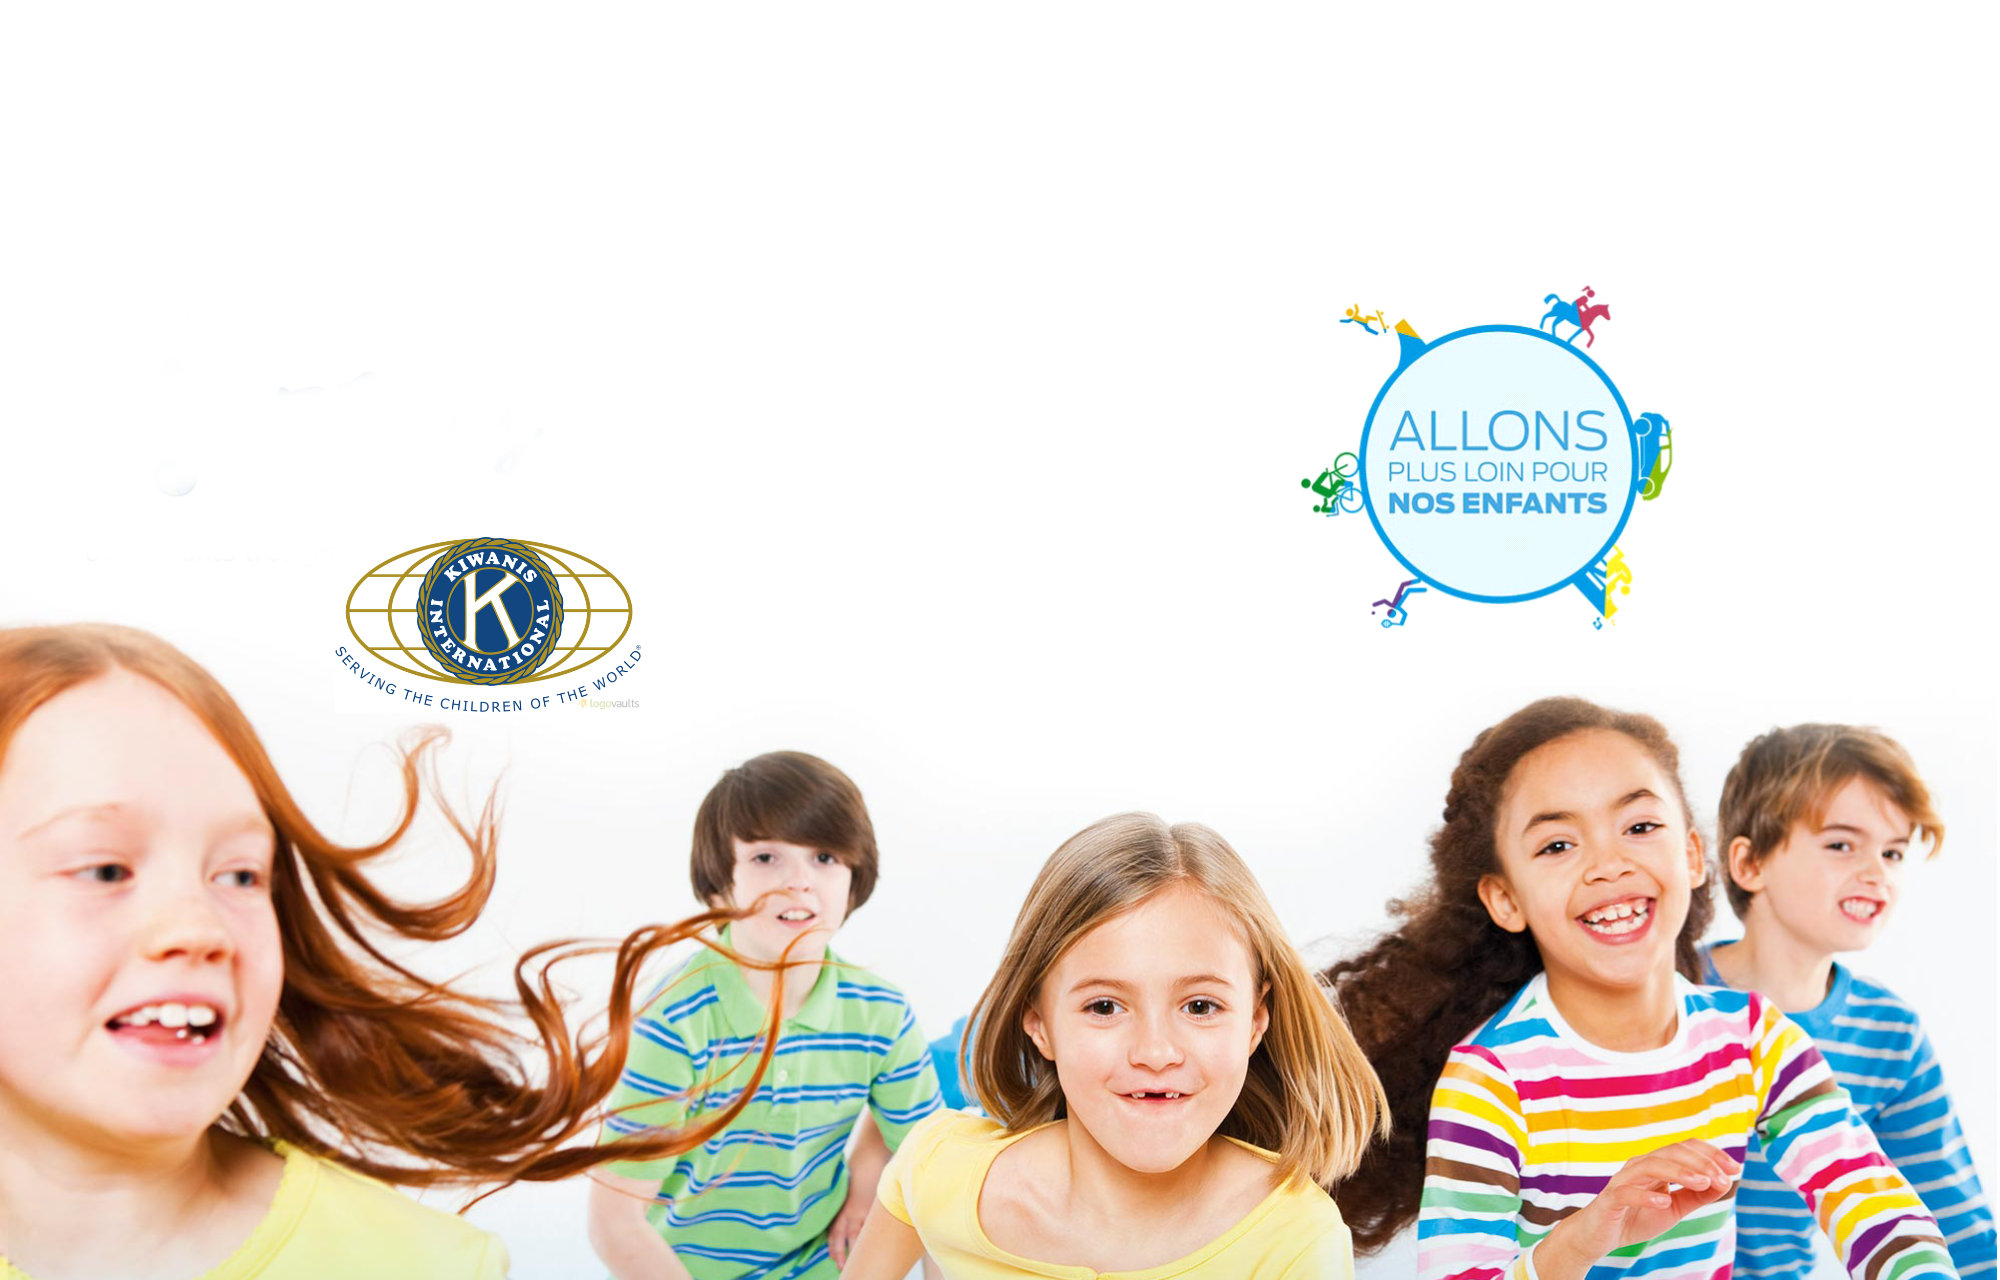 Allons plus loin pour nos enfants : remise de chèque à l'association Kiwanis !